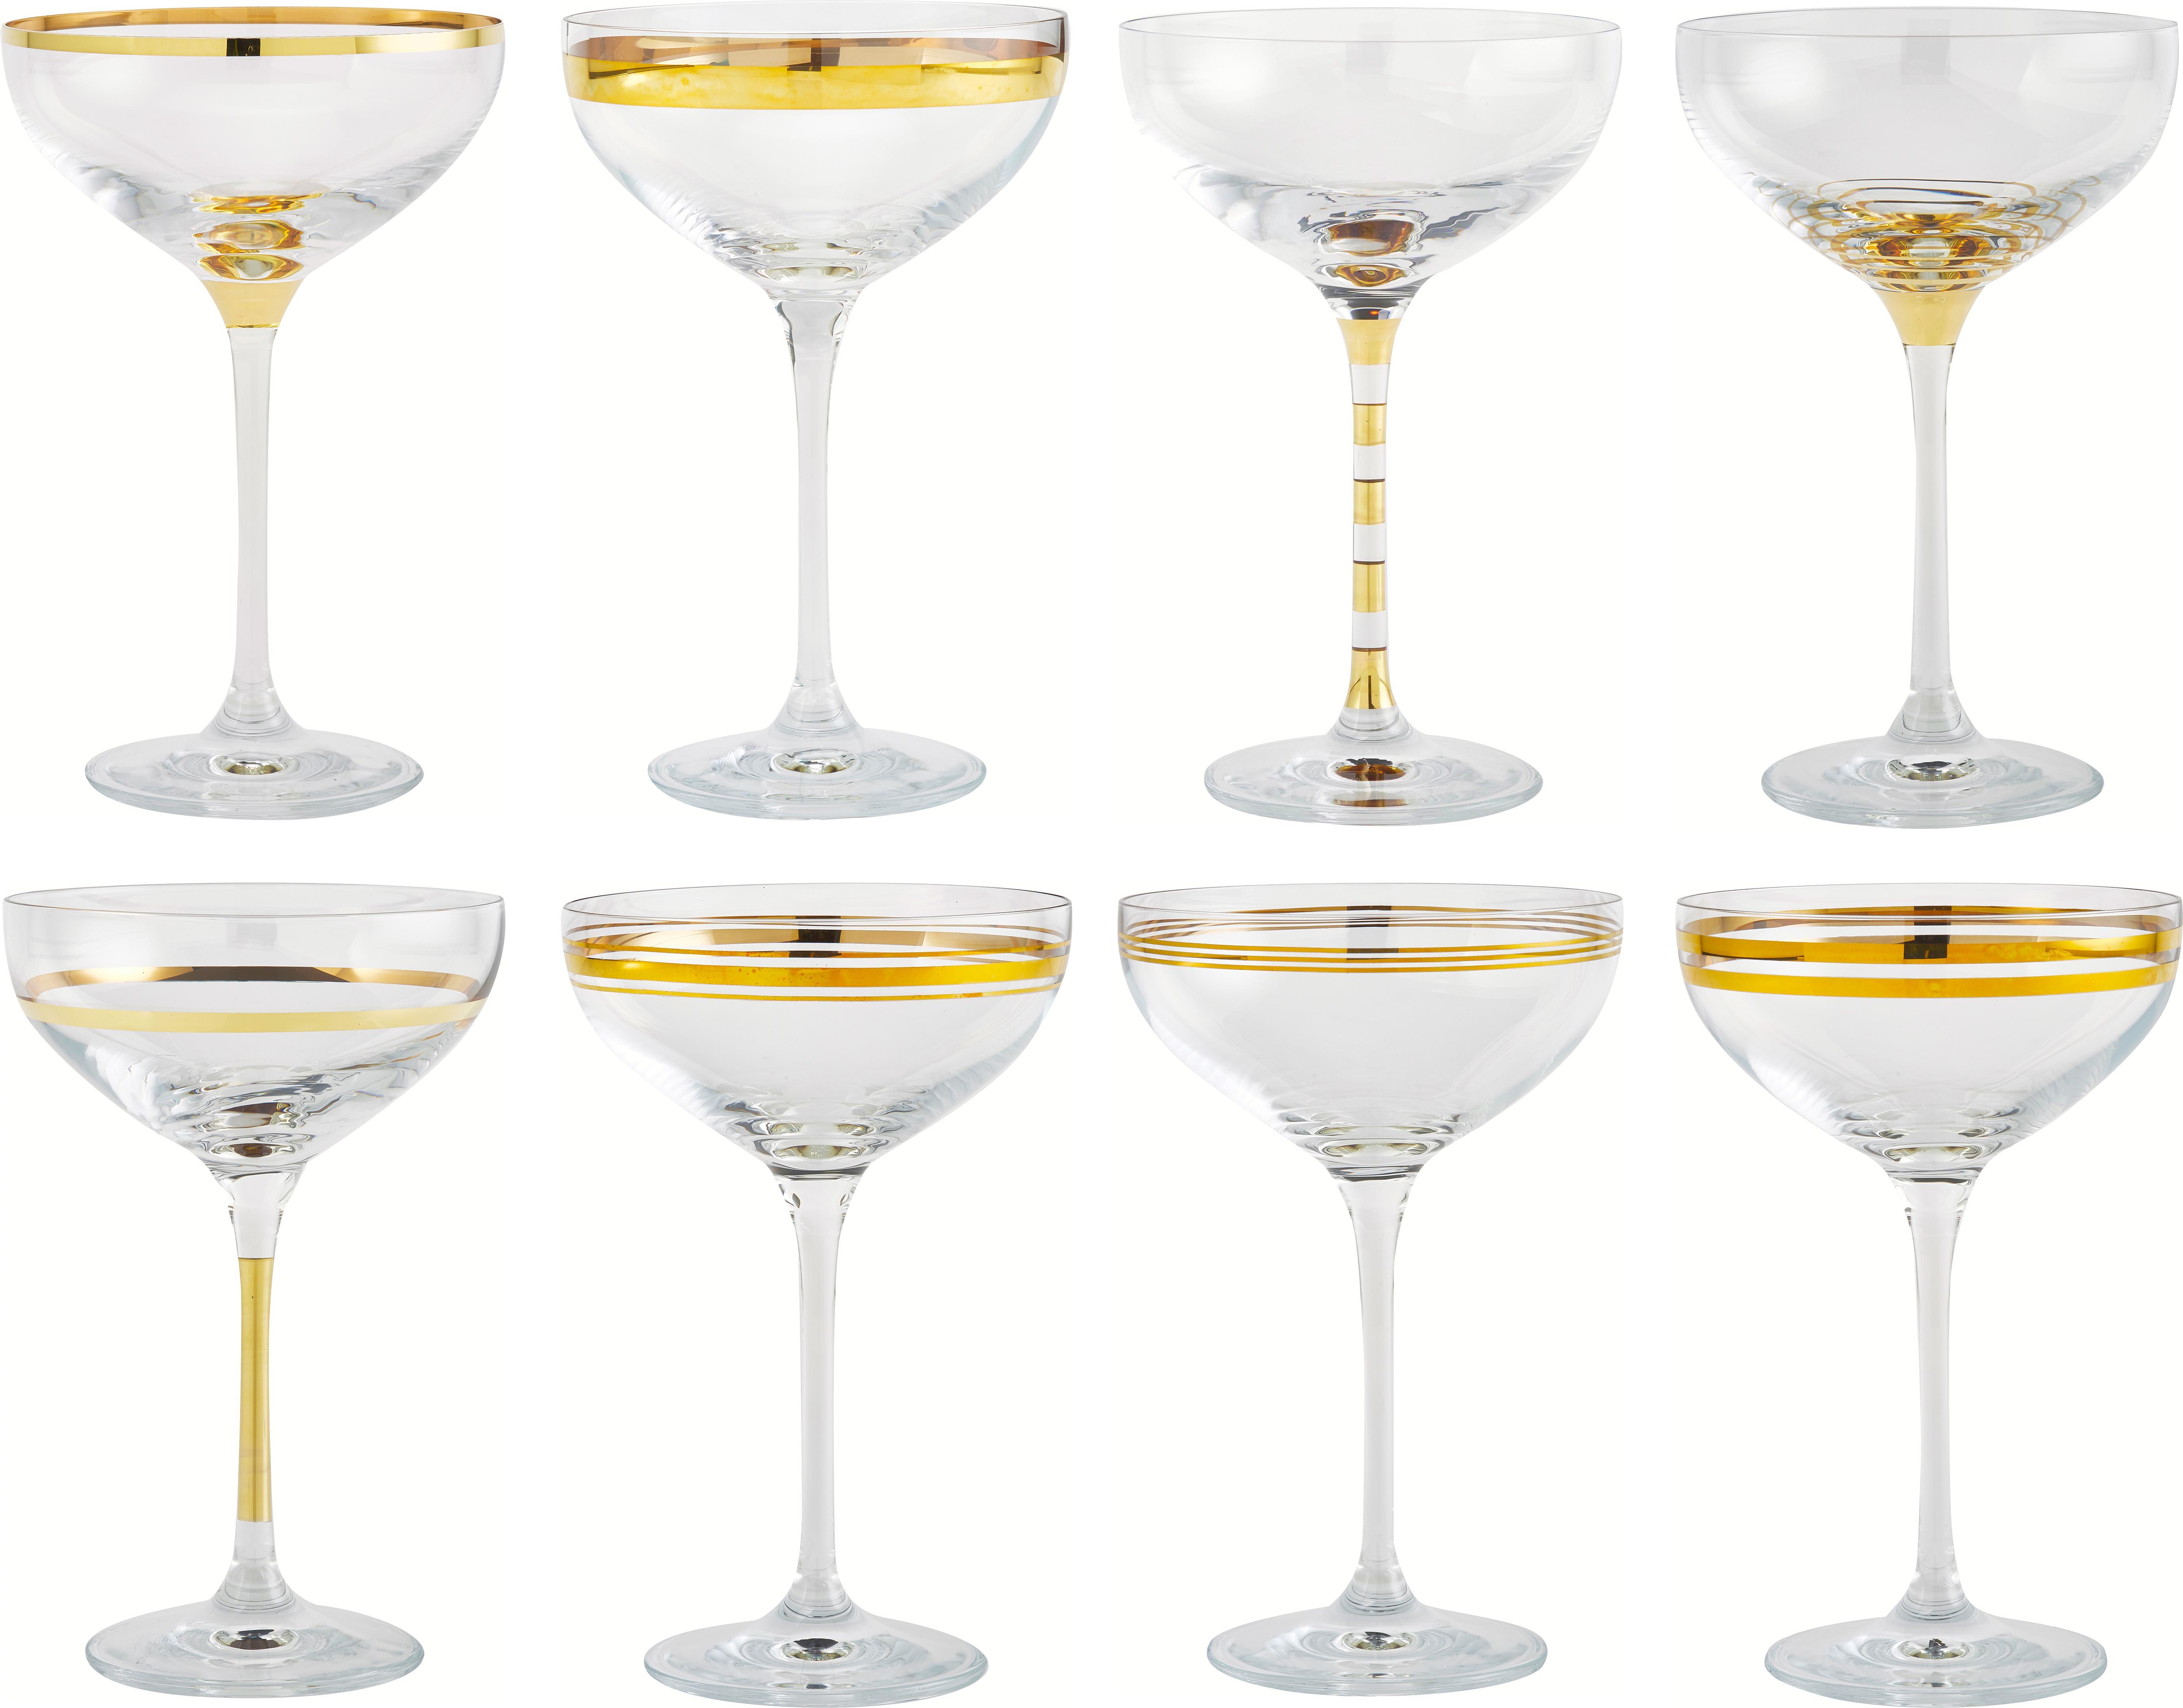 Copas pompadour de champán Deco, 8uds., Vidrio, Transparente, dorado, Ø 11 x Al 17 cm